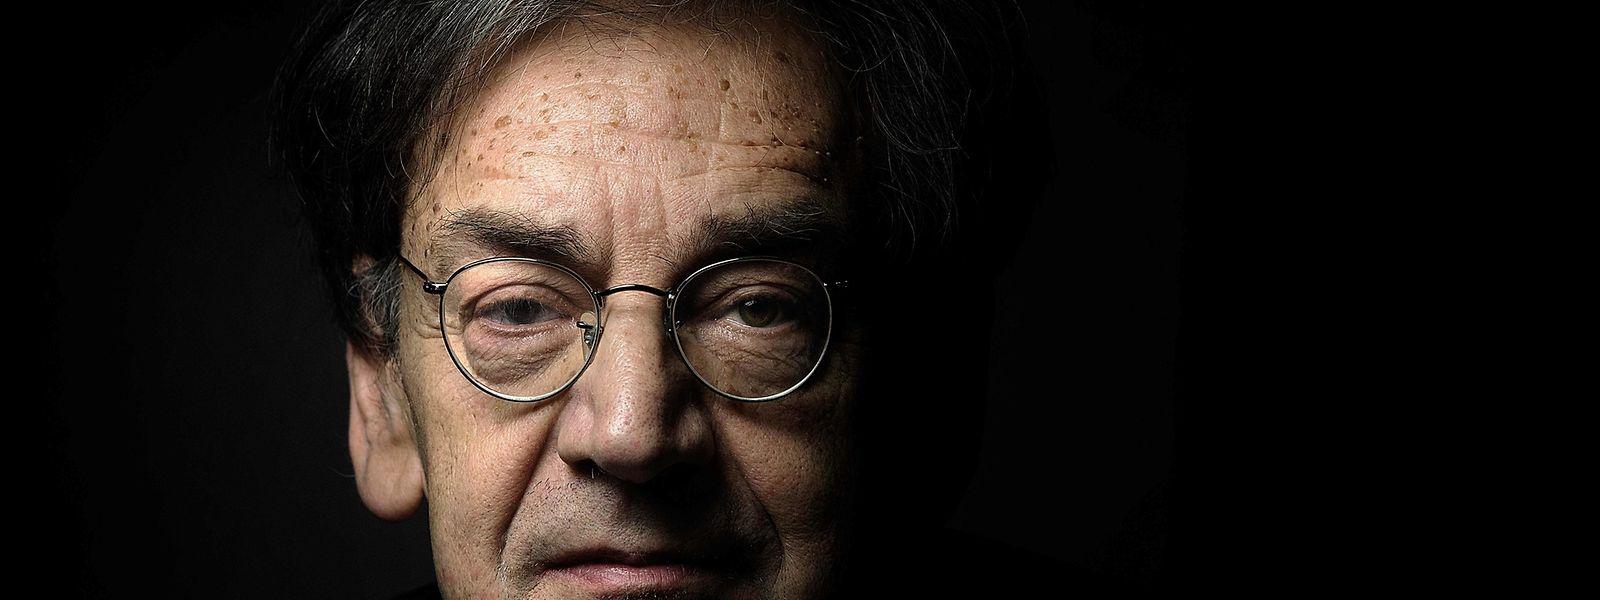 Académicien et philosophe français, Alain Finkielkraut a été victime d'insultes très violentes samedi.